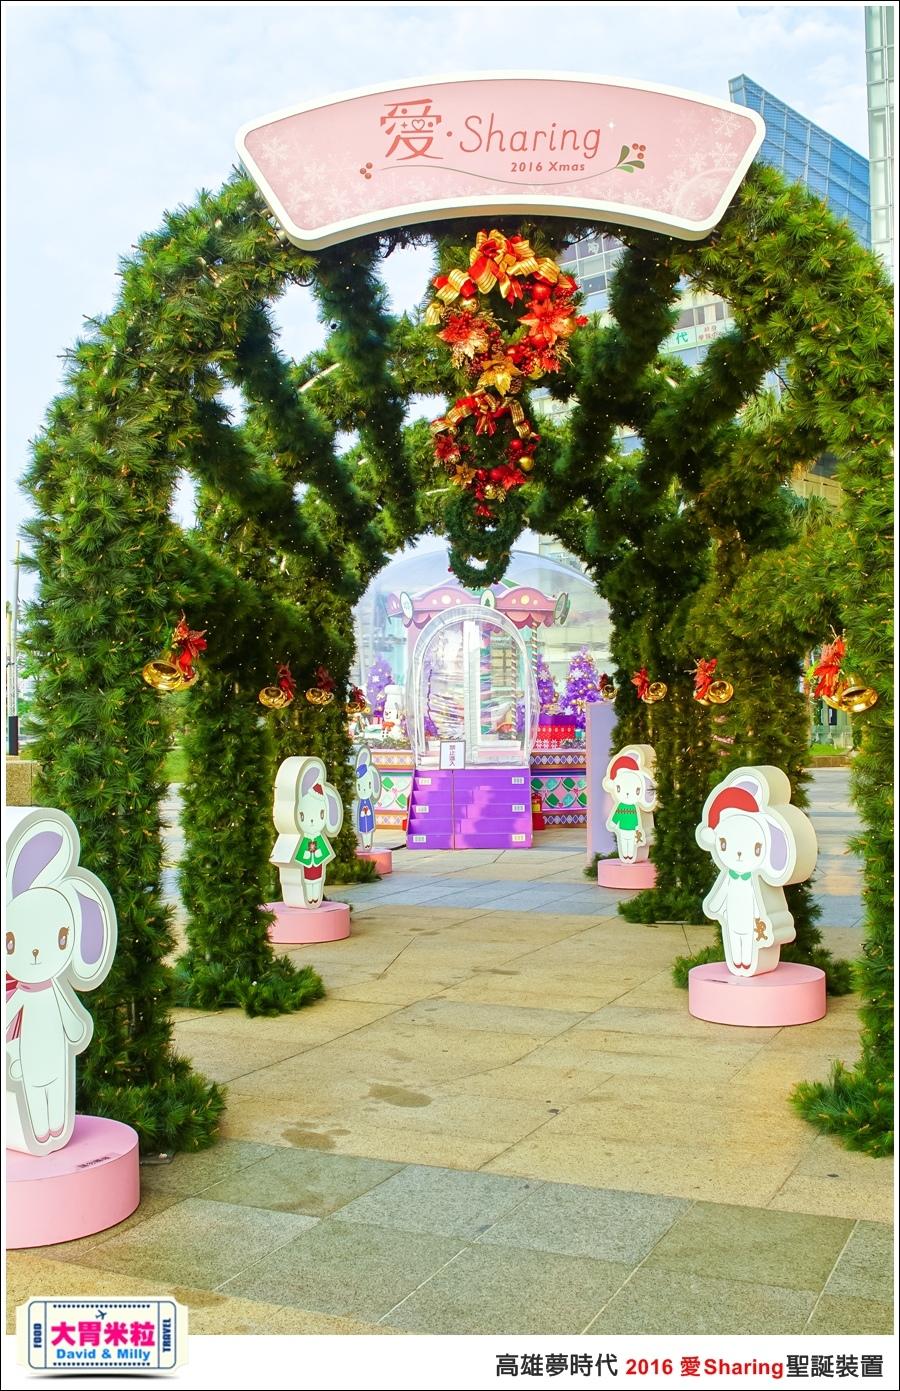 2016聖誕約會景點推薦@高雄夢時代 統一時代百貨 2016聖誕裝置@大胃米粒0022.jpg